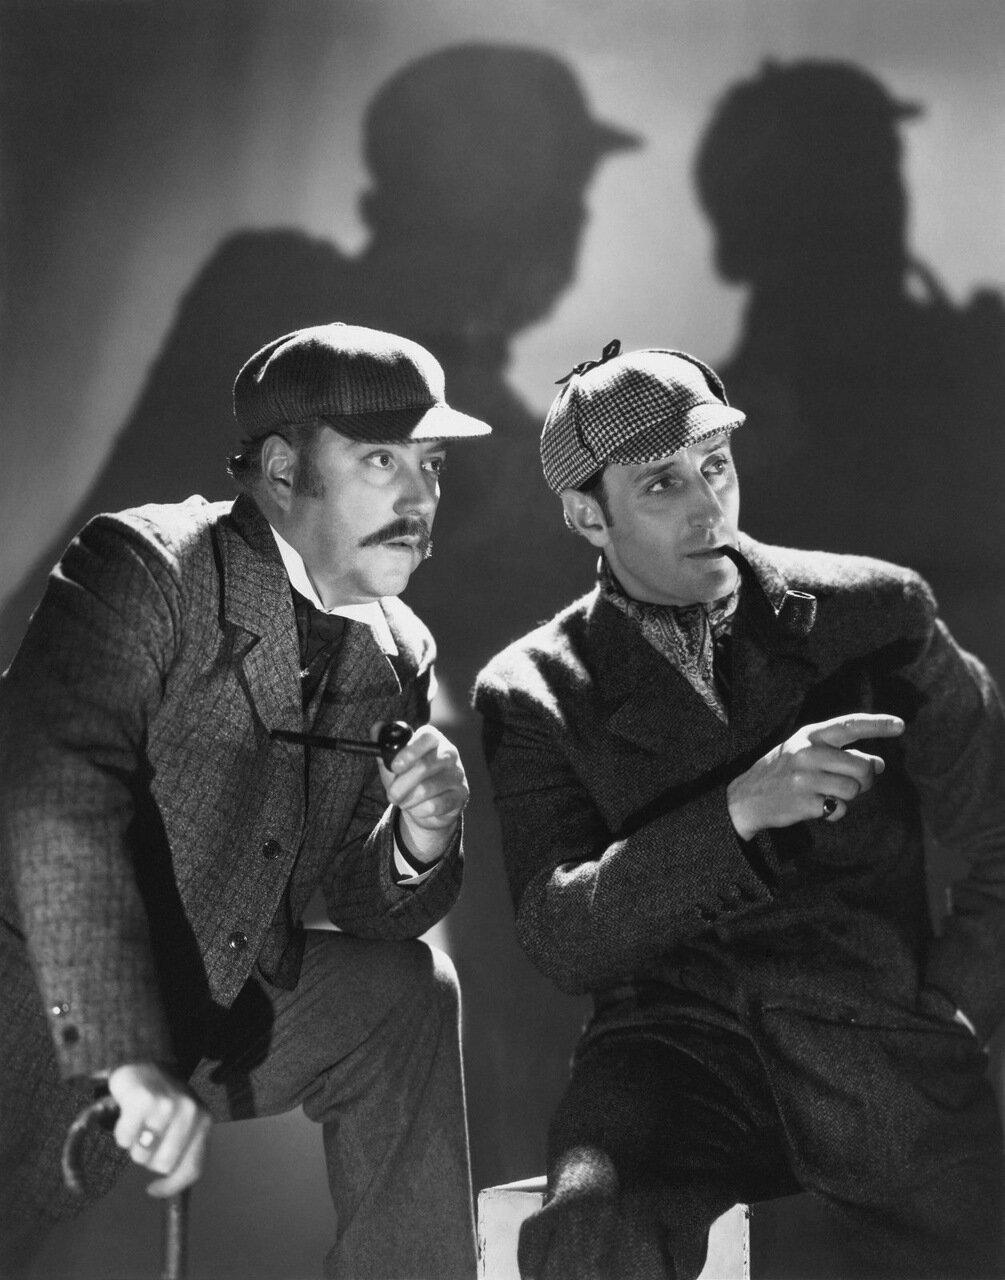 Бэзил Рэтбоун и Найджел Брюс. Рекламная фотография к «Шерлоку Холмсу»